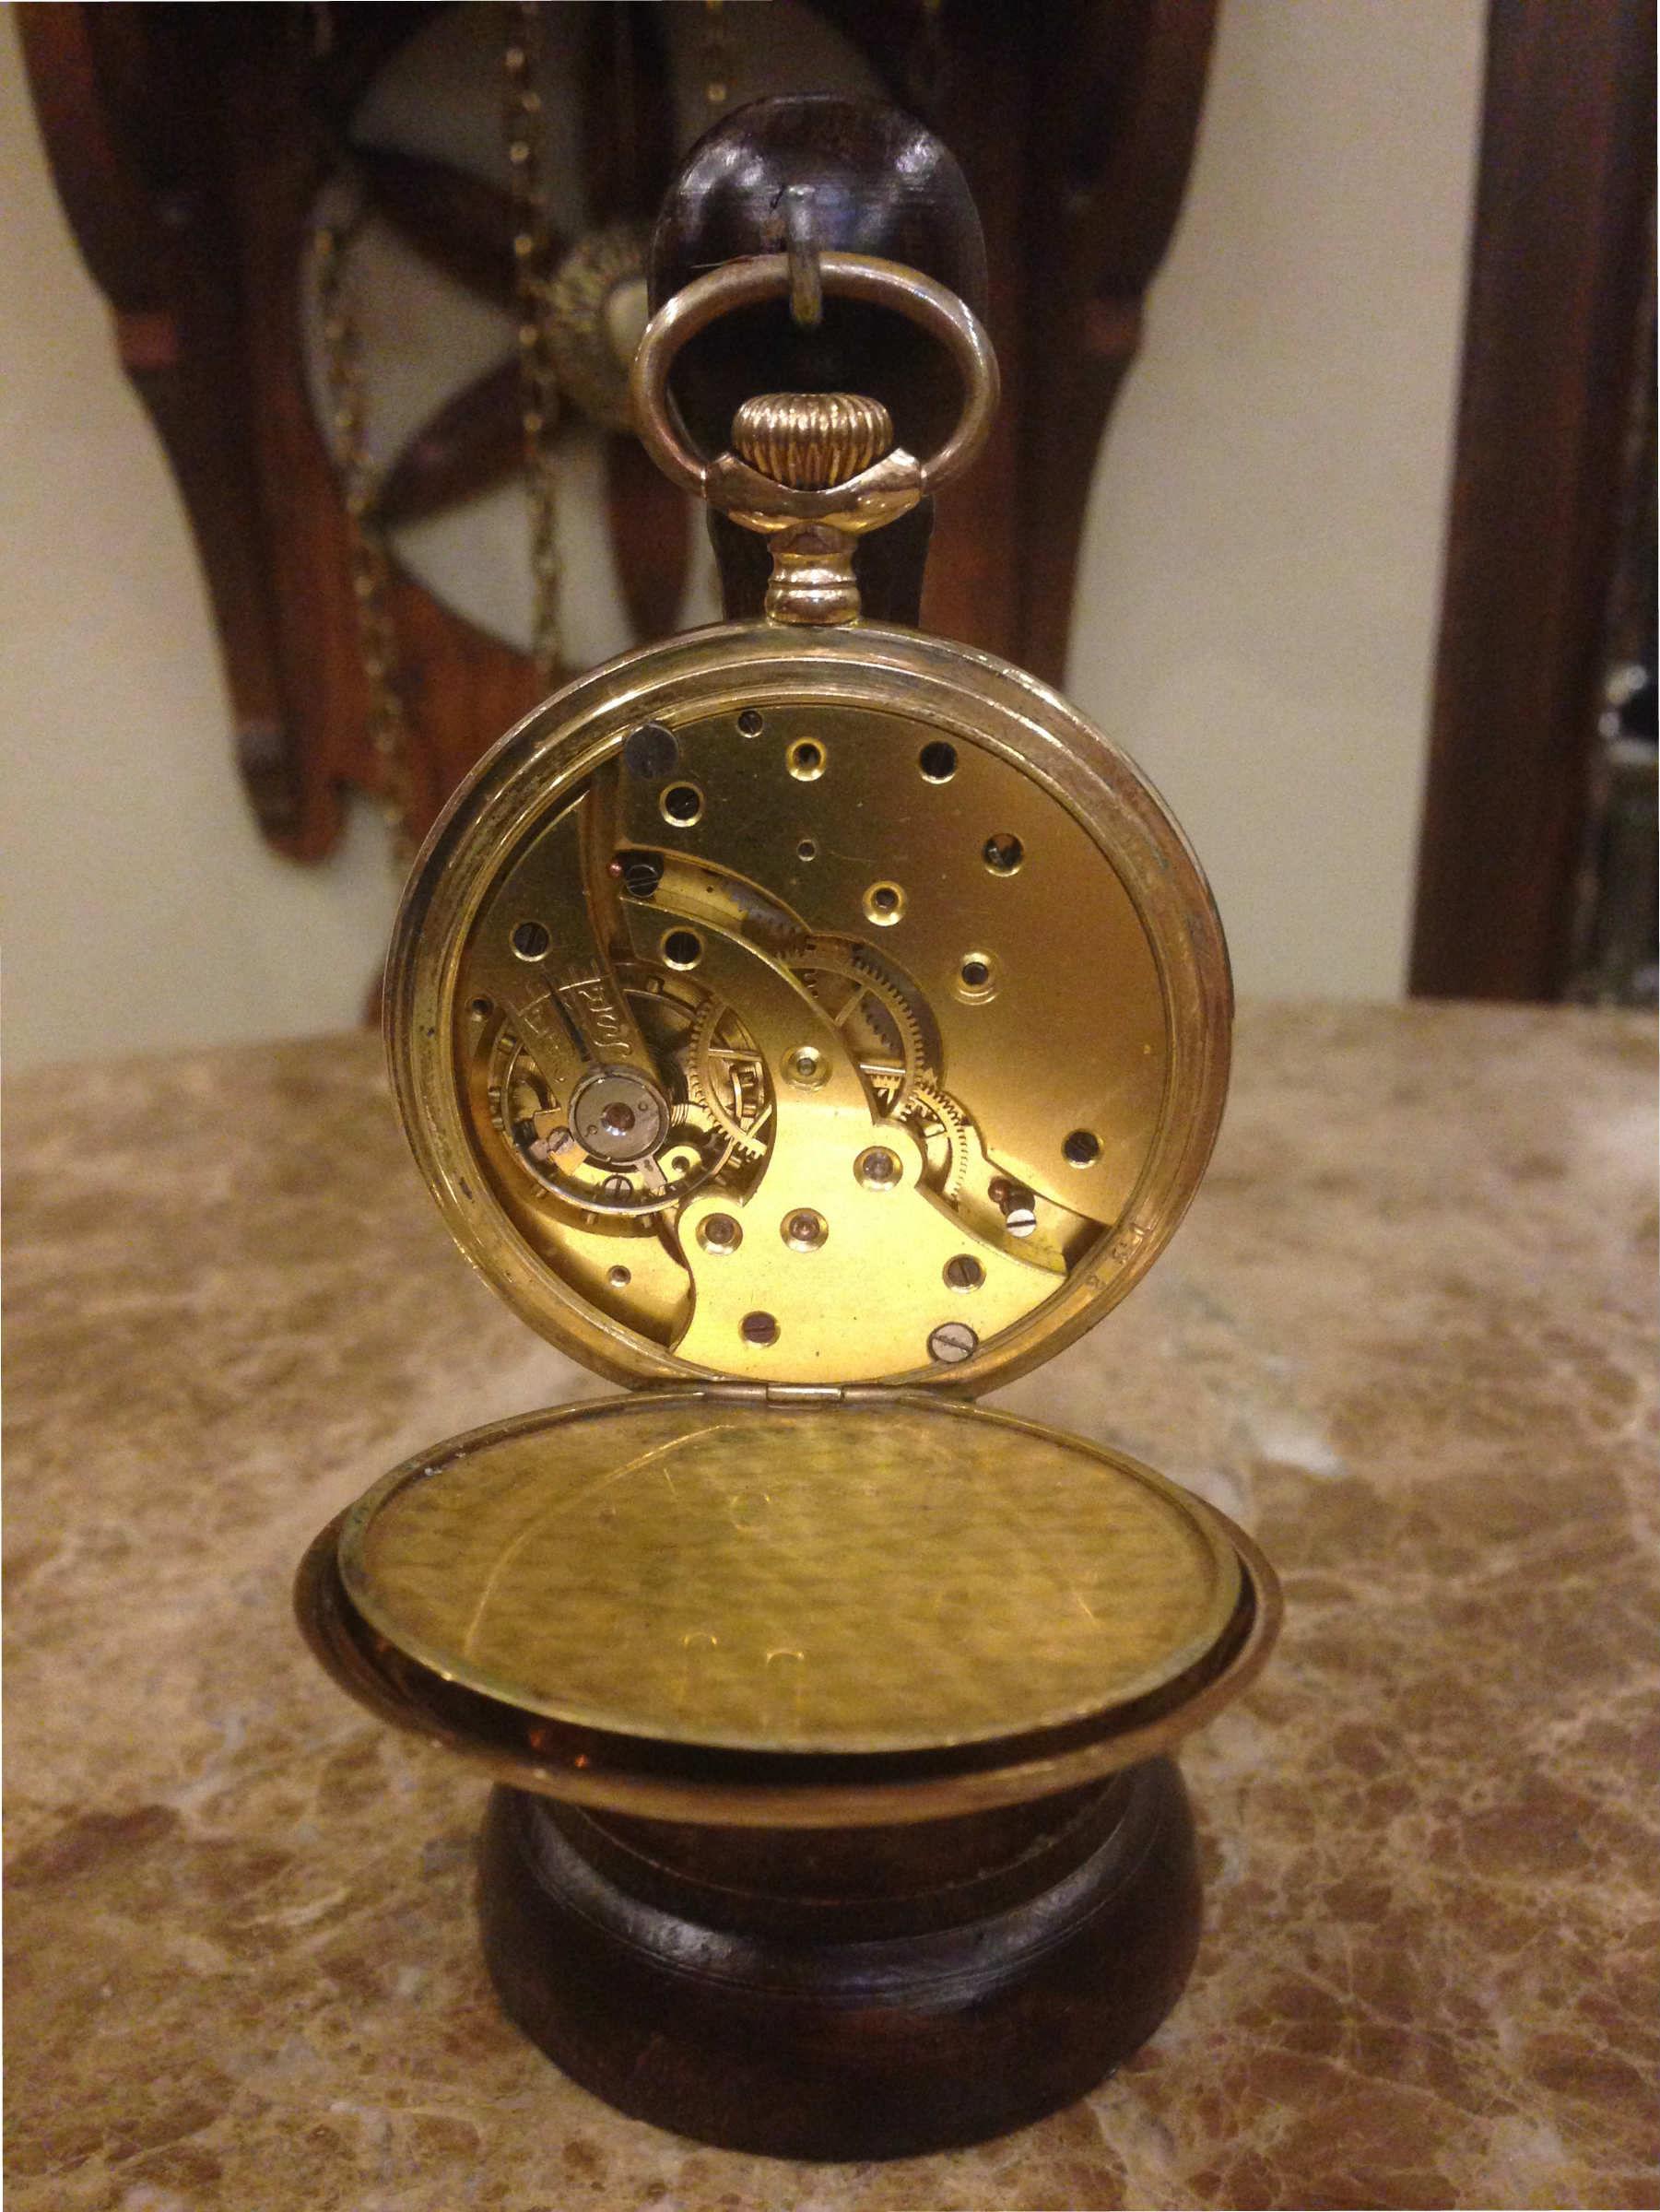 ساعة جيب مطلية بالذهب